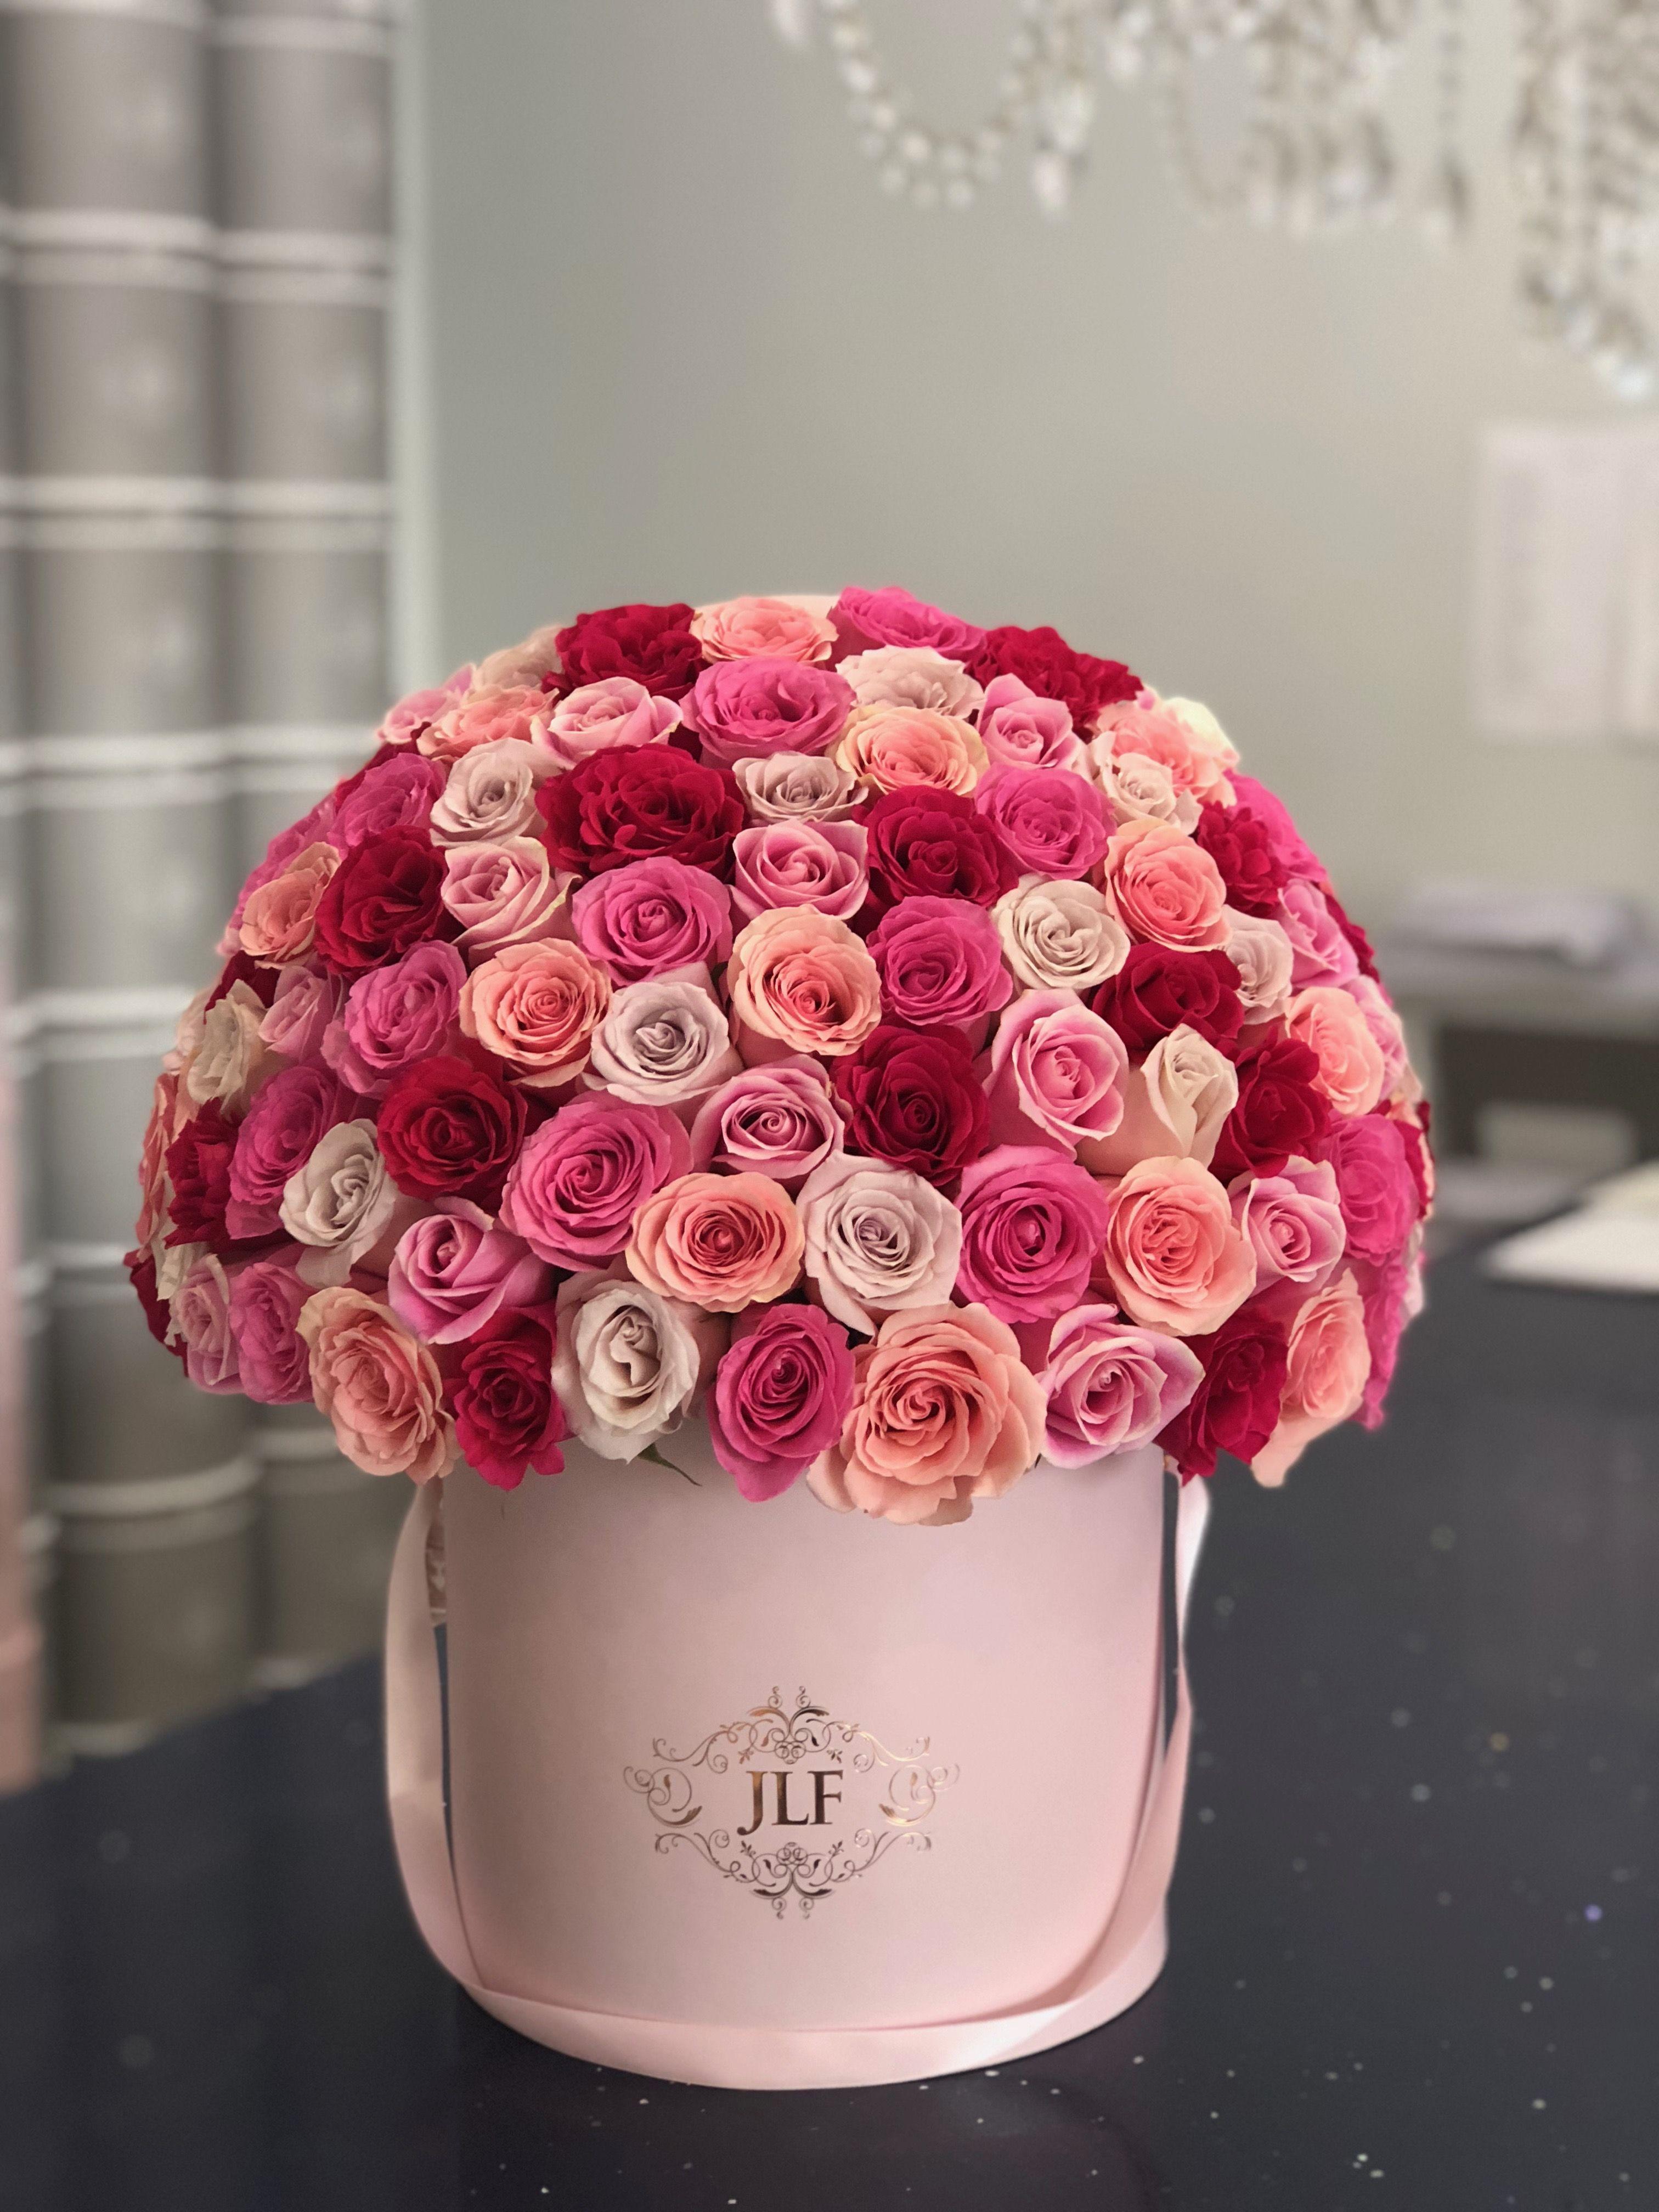 Signature 75 Multicolor Rose Box Jlf Los Angeles Valentine S Day Flower Arrangements Rose Bouquet Valentines Pink Rose Bouquet